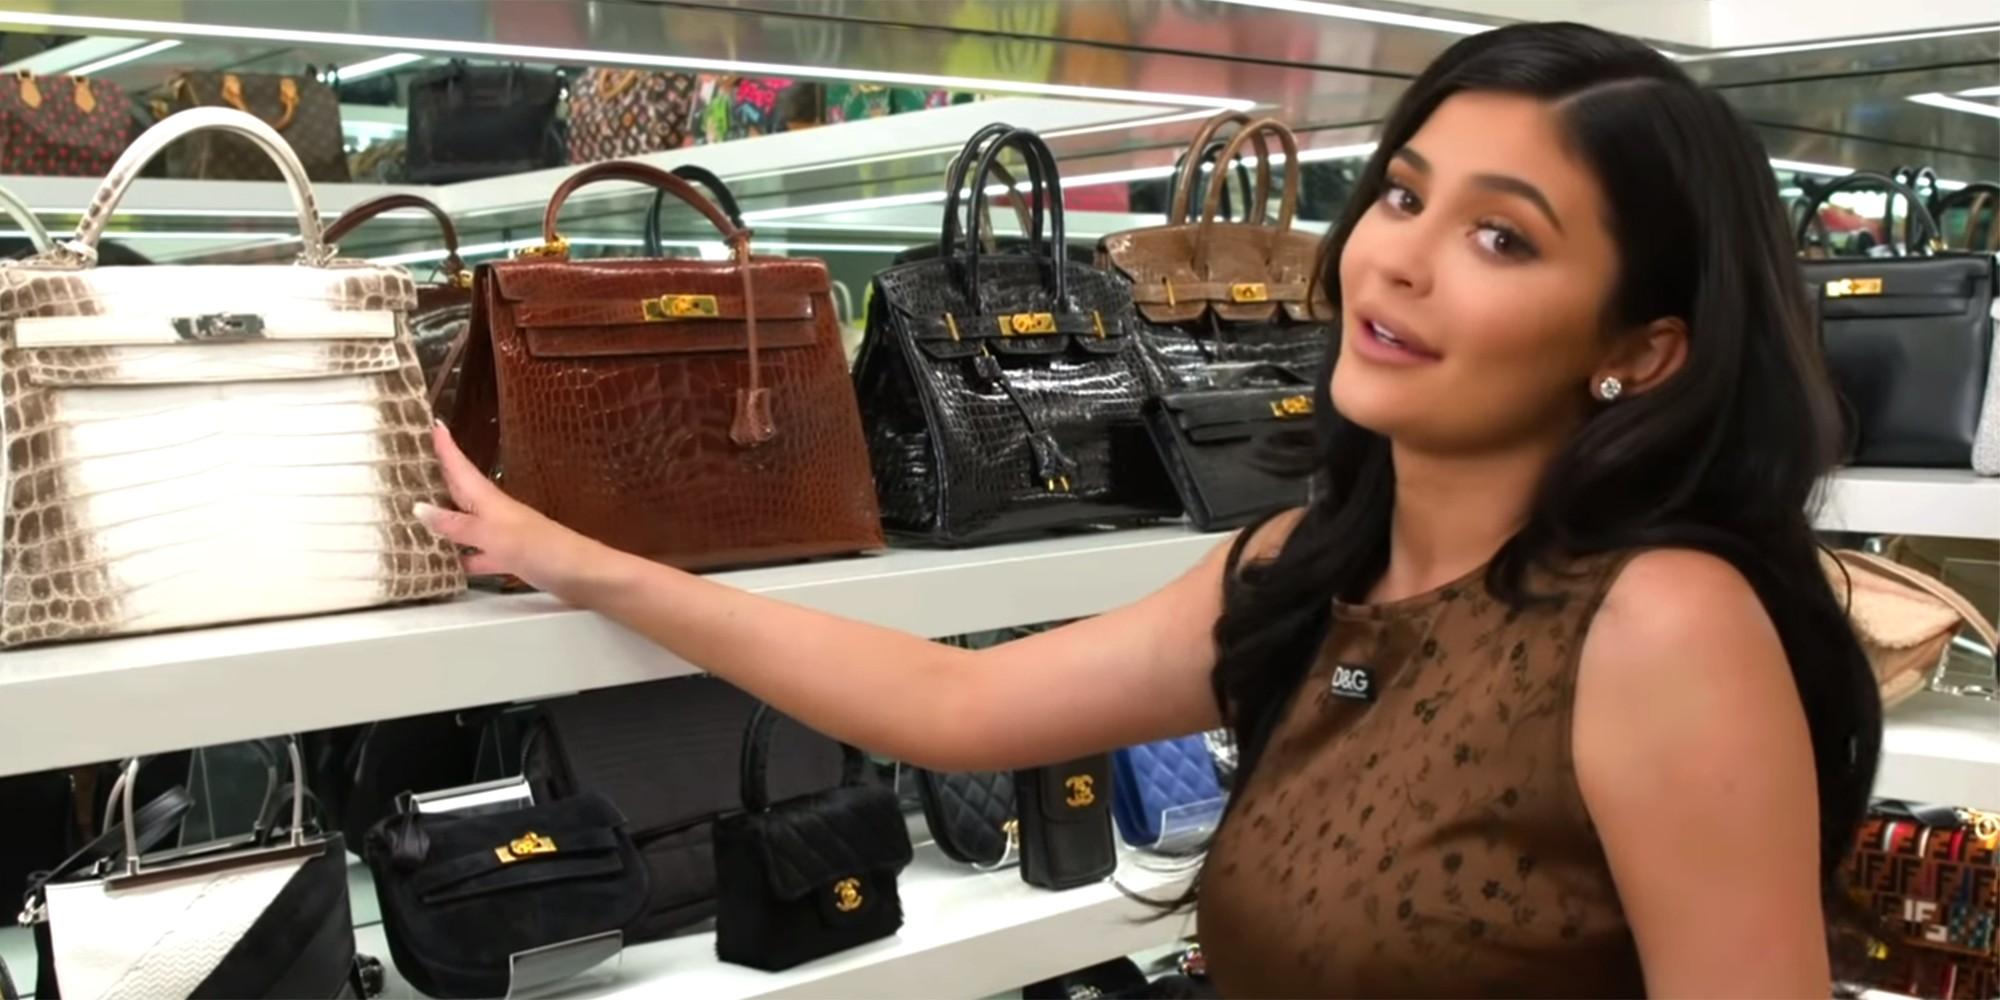 21 tuổi đã kiếm hàng ngàn tỷ đồng một năm, Kylie Jenner có cuộc sống sang chảnh và tài sản đáng ghen tị đến mức nào? - Ảnh 13.